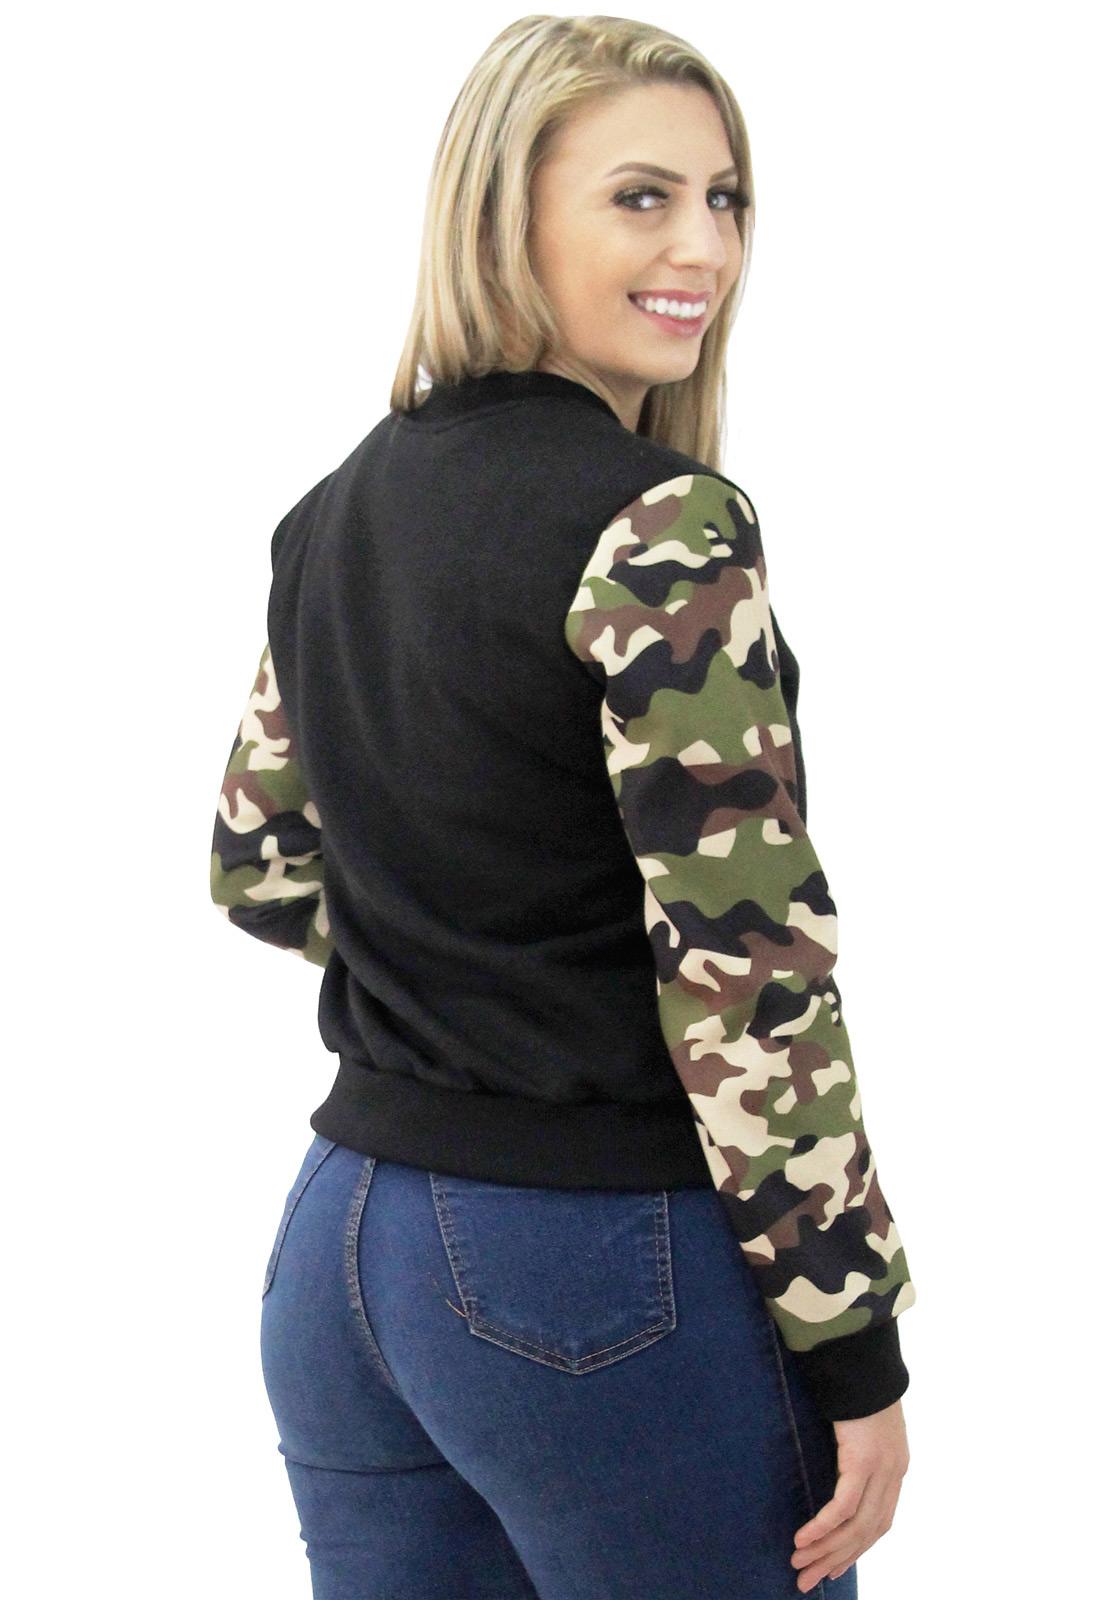 Jaqueta Bomber Feminina Camuflada Casaco Moletom Zíper Estampado